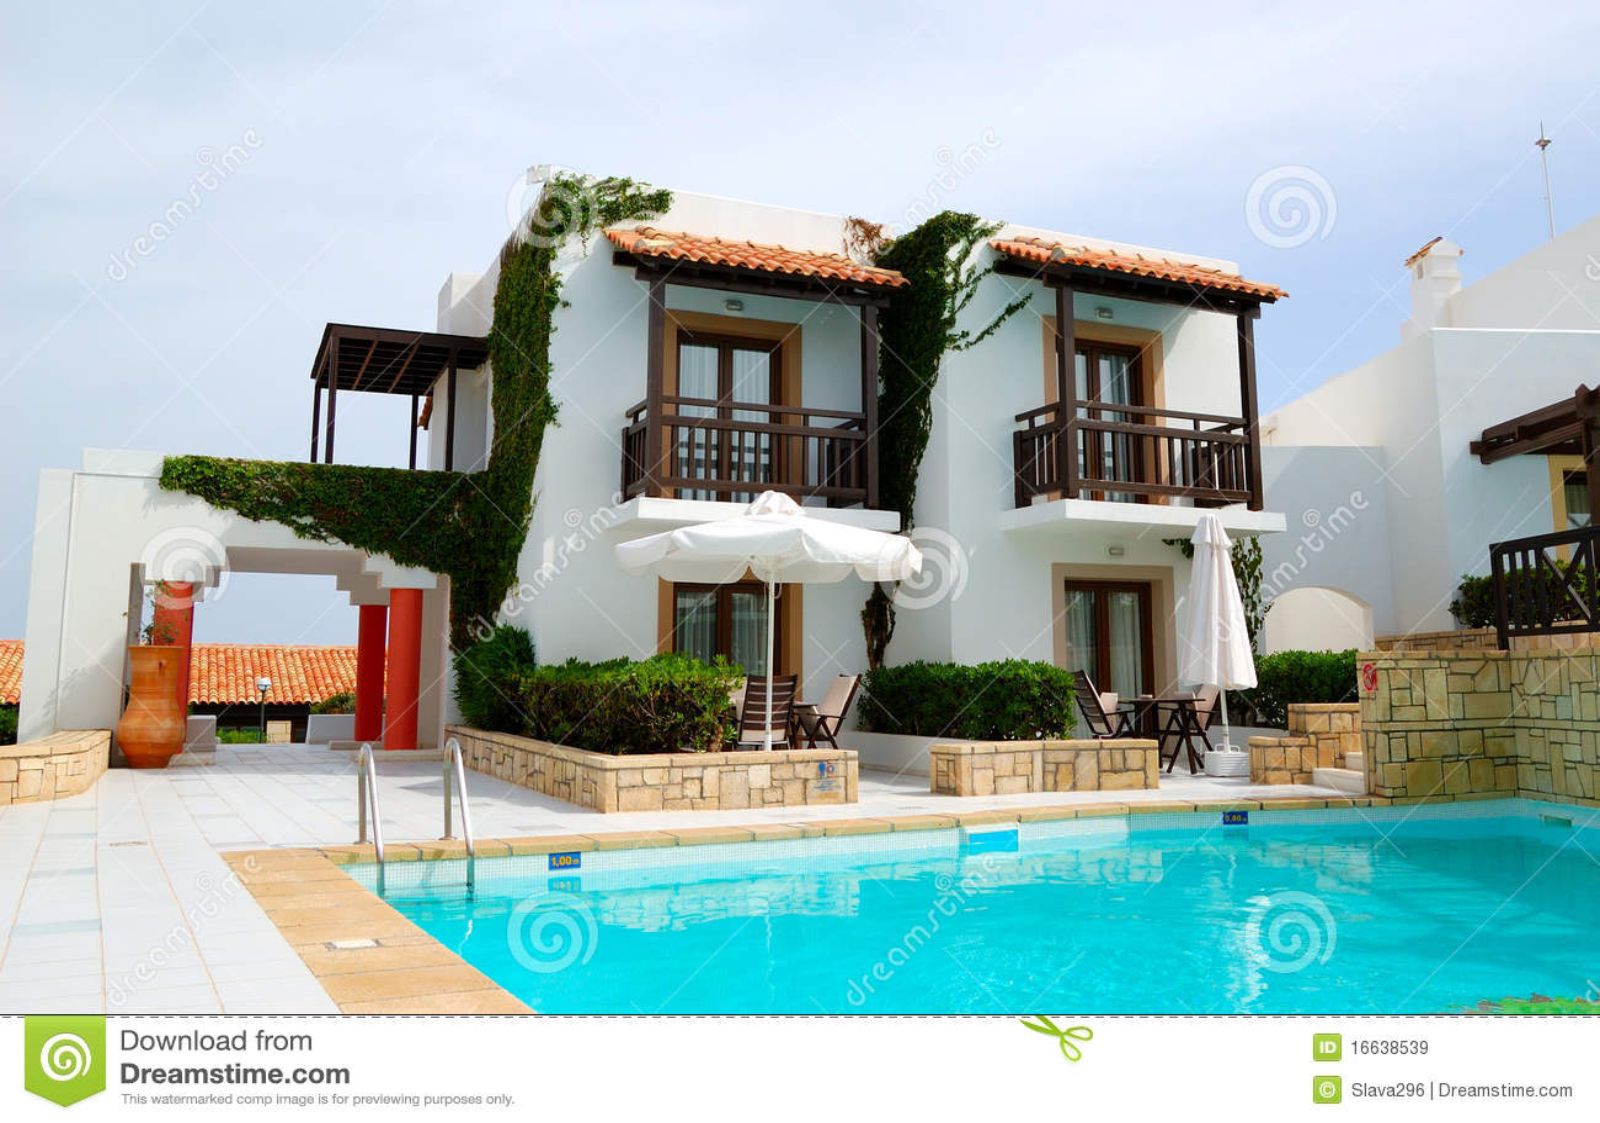 Villa De Luxe Moderne Avec La Piscine Image stock - Image du rouge ...